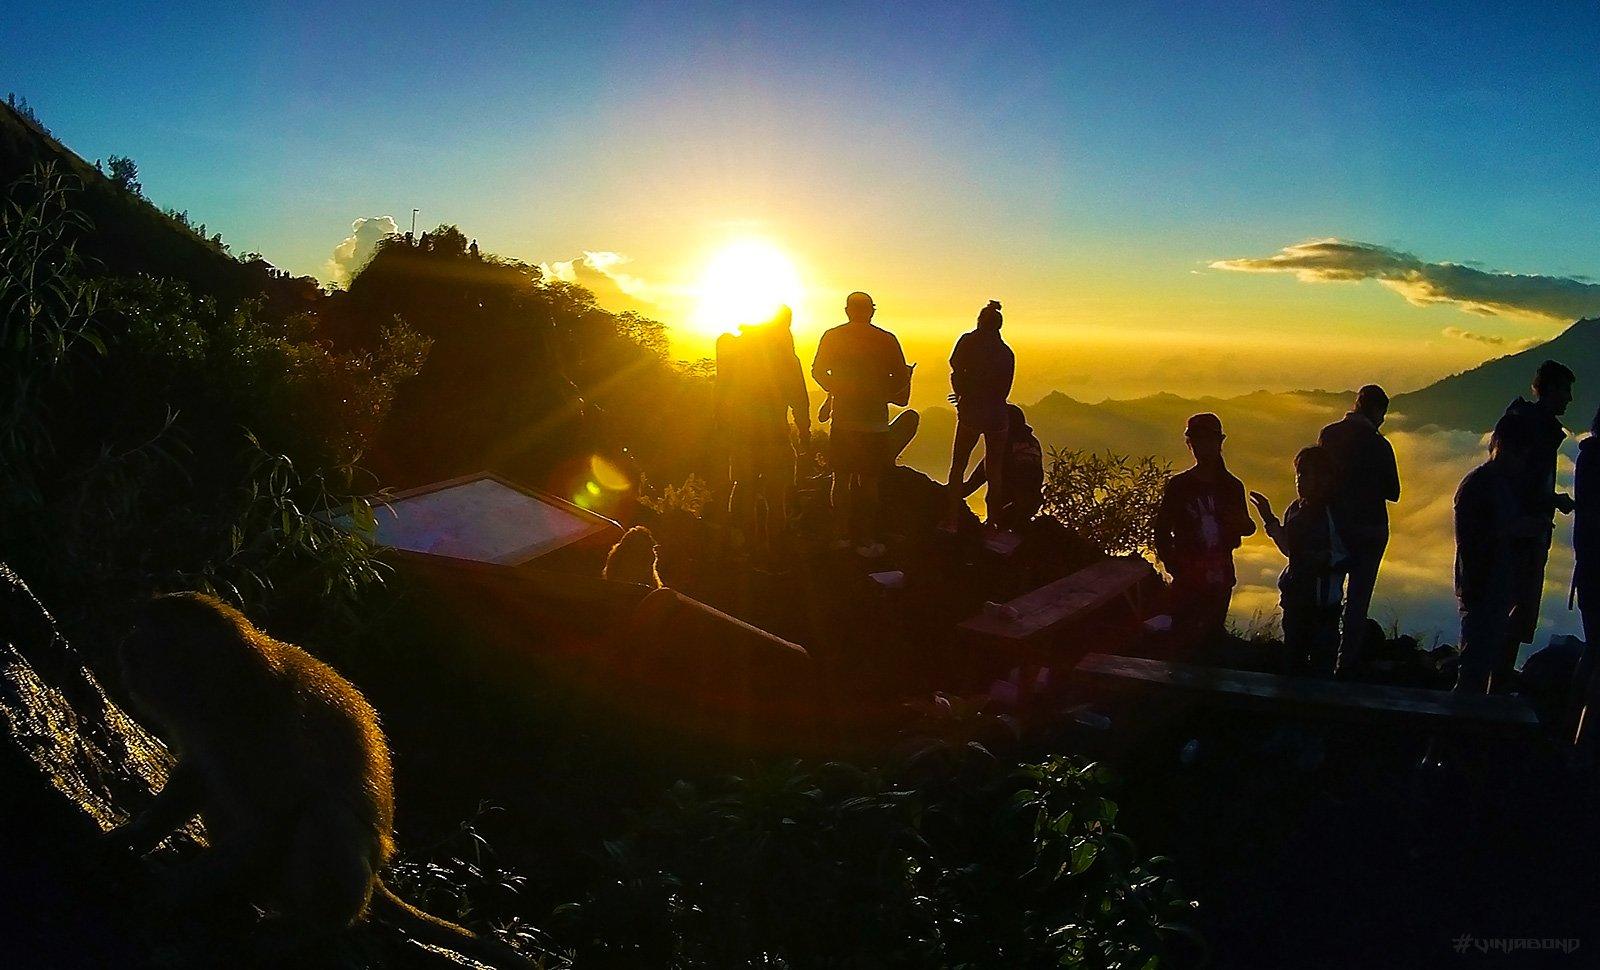 Mount Batur with Friends at Sunrise /// Vinjabond